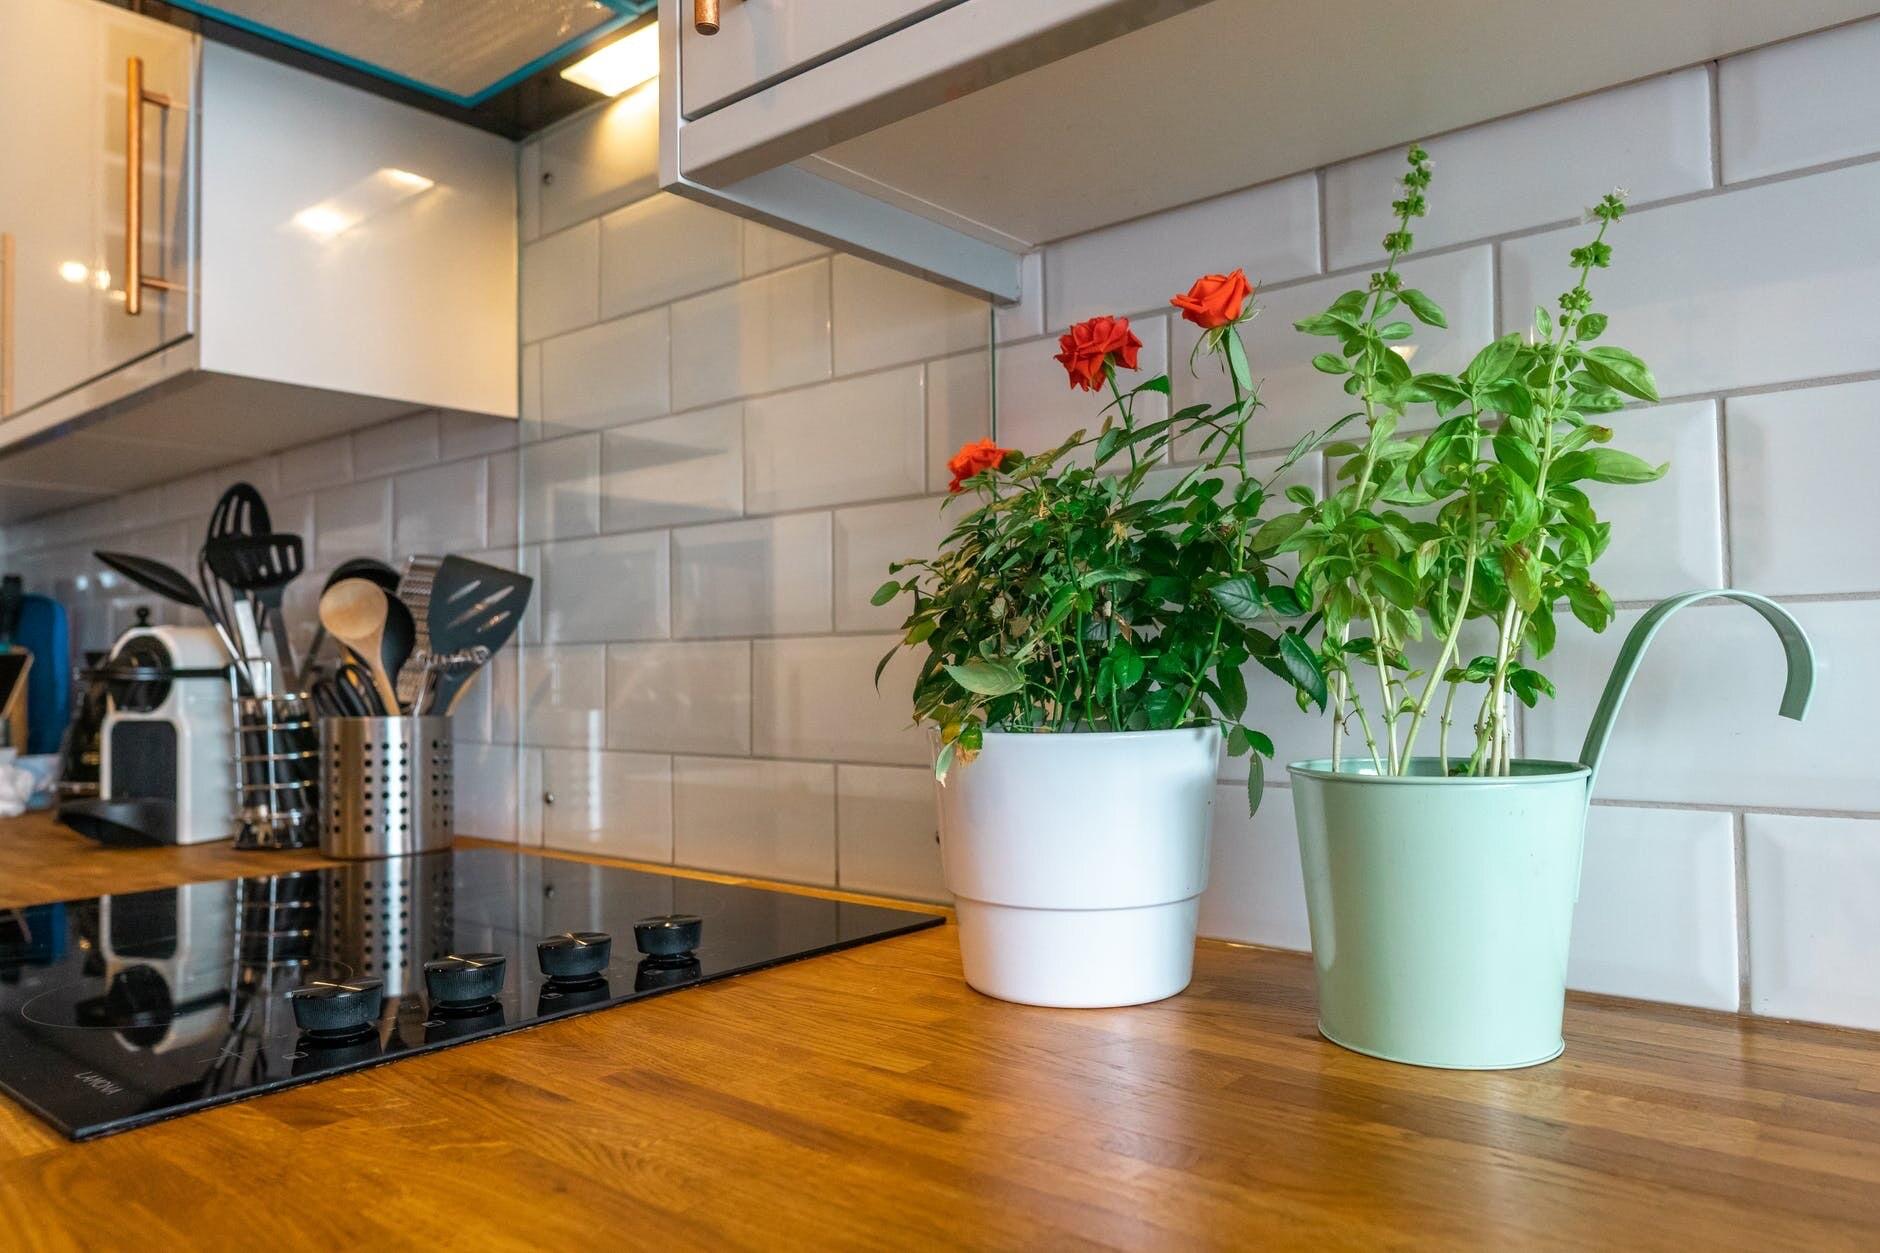 38 полезных привычек для чистоты дома, которые не требуют времени и усилий